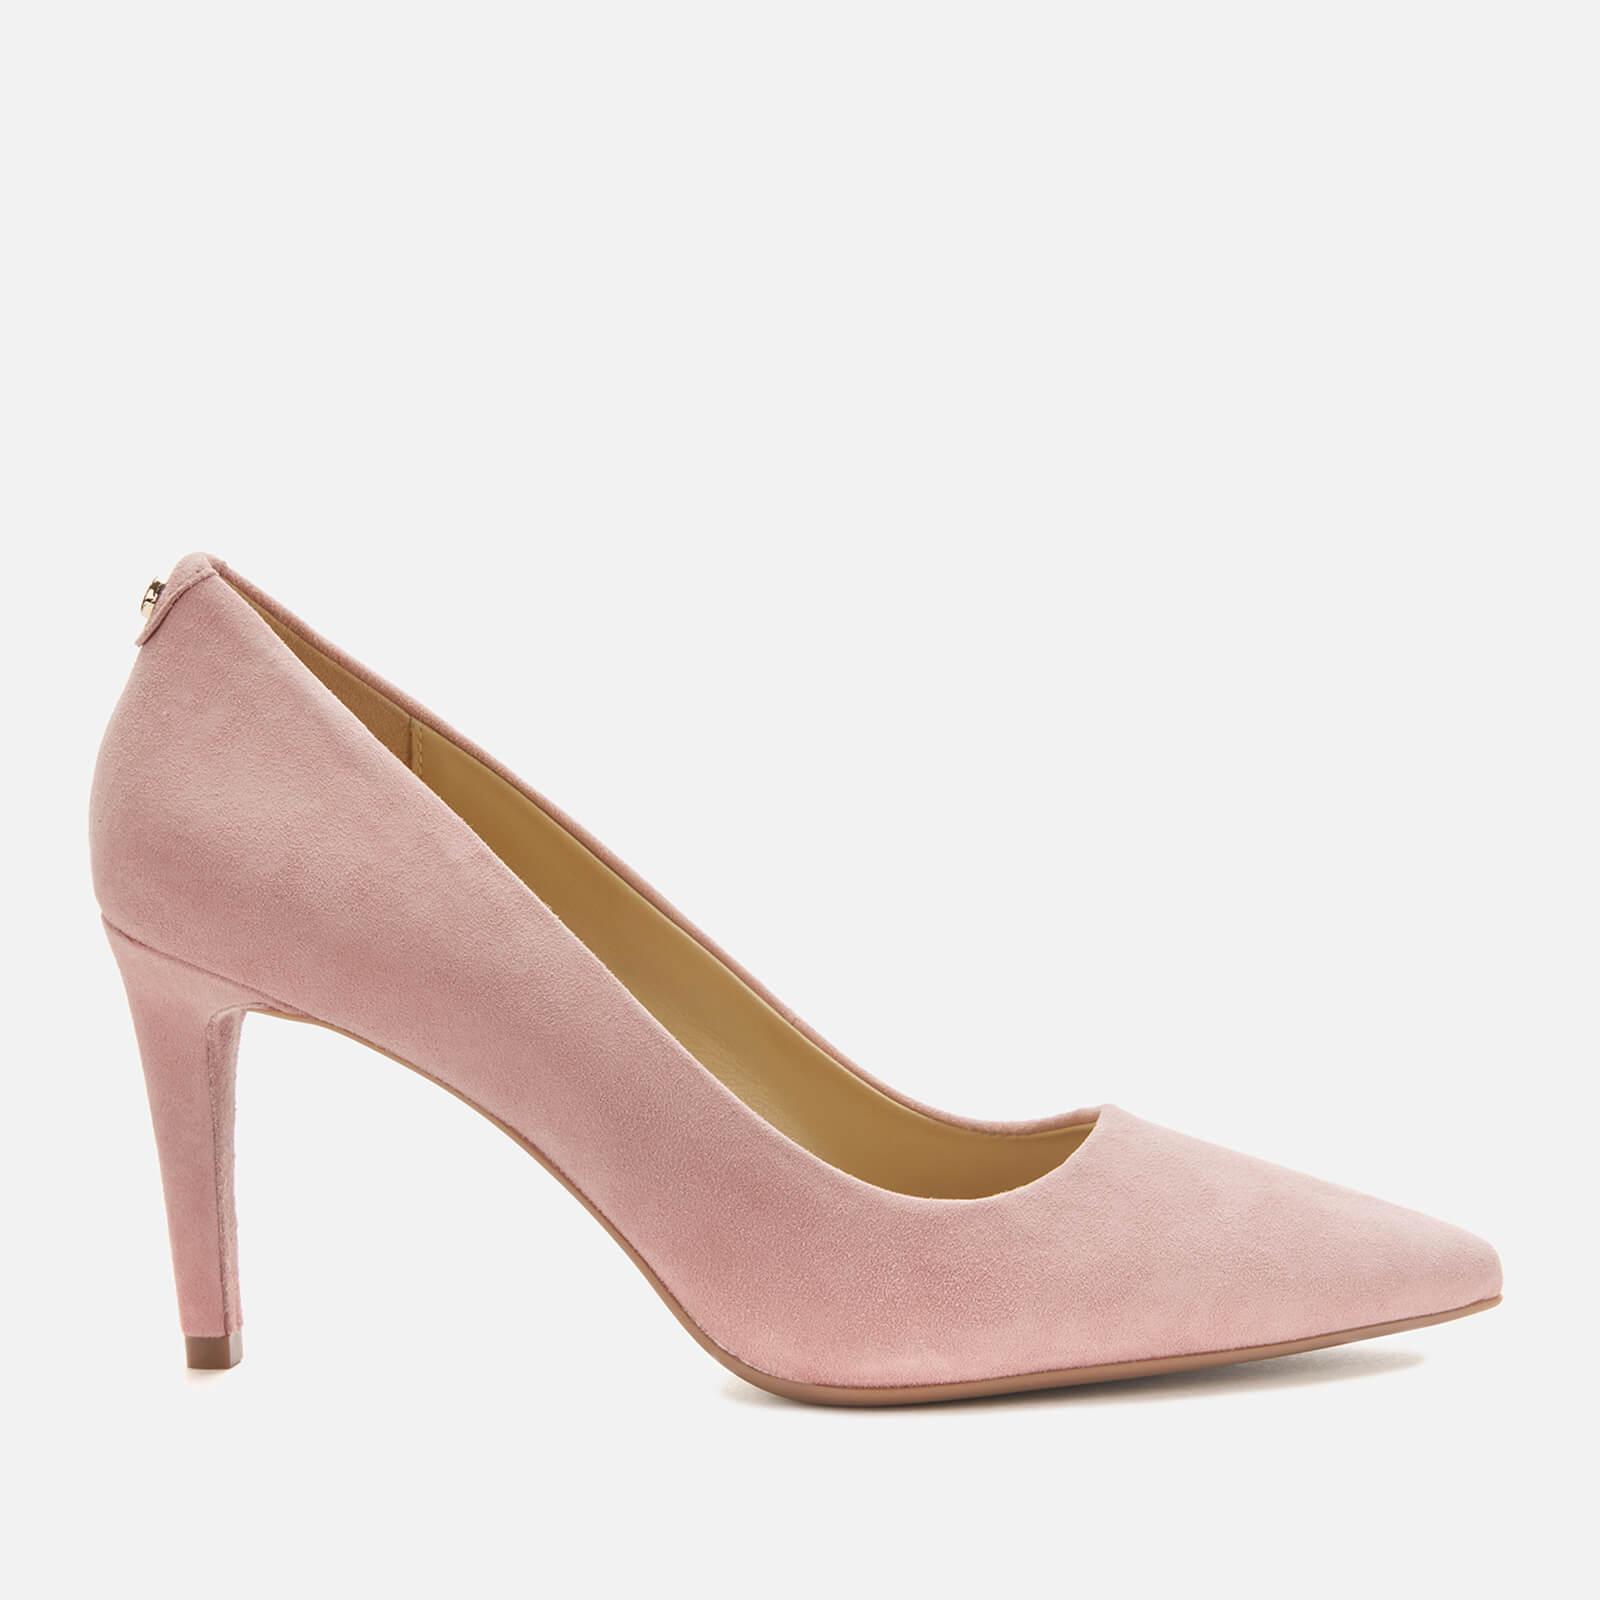 MICHAEL MICHAEL KORS Women's Dorothy Flex Suede Court Shoes - Sunset Peach - UK 6/US 9